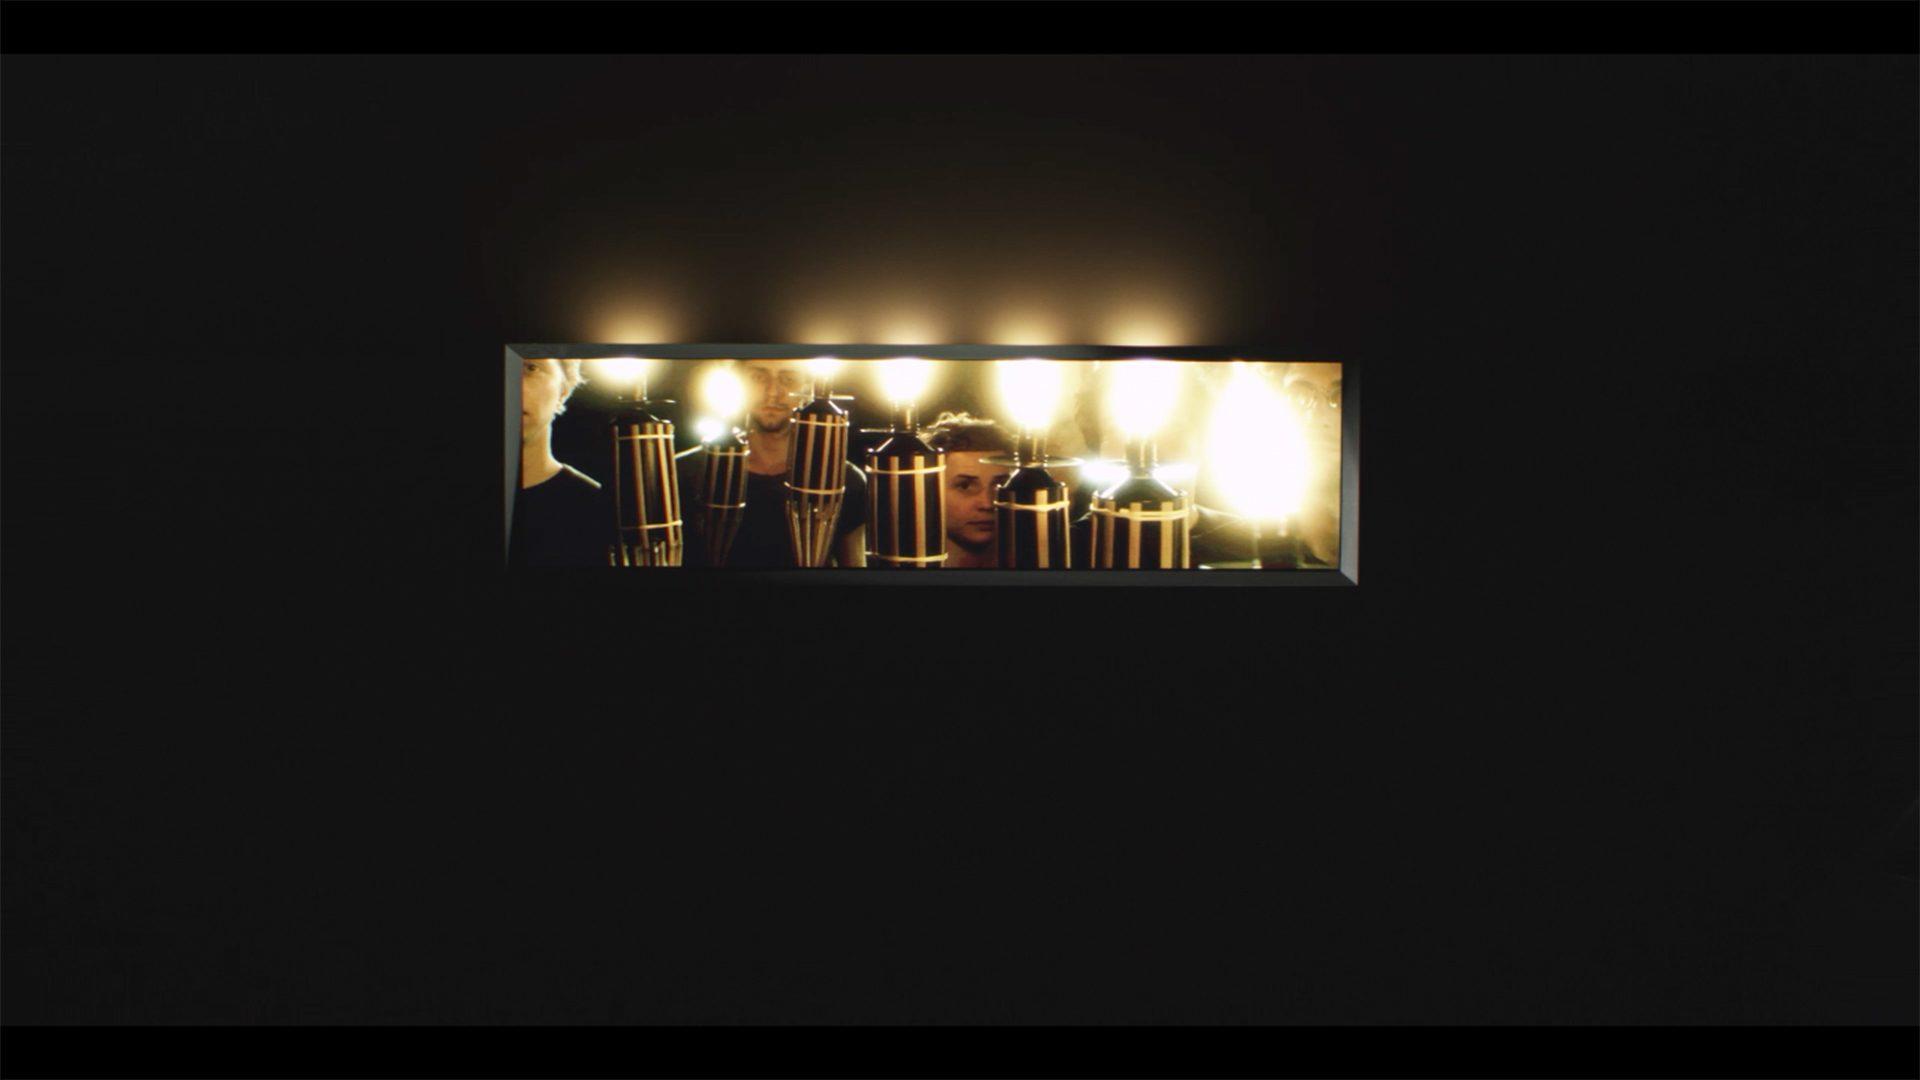 L'image éclaire - Écran flambeaux - Exposition Panorama 17, Le Fresnoy - 2015 / Credits : RF Studio